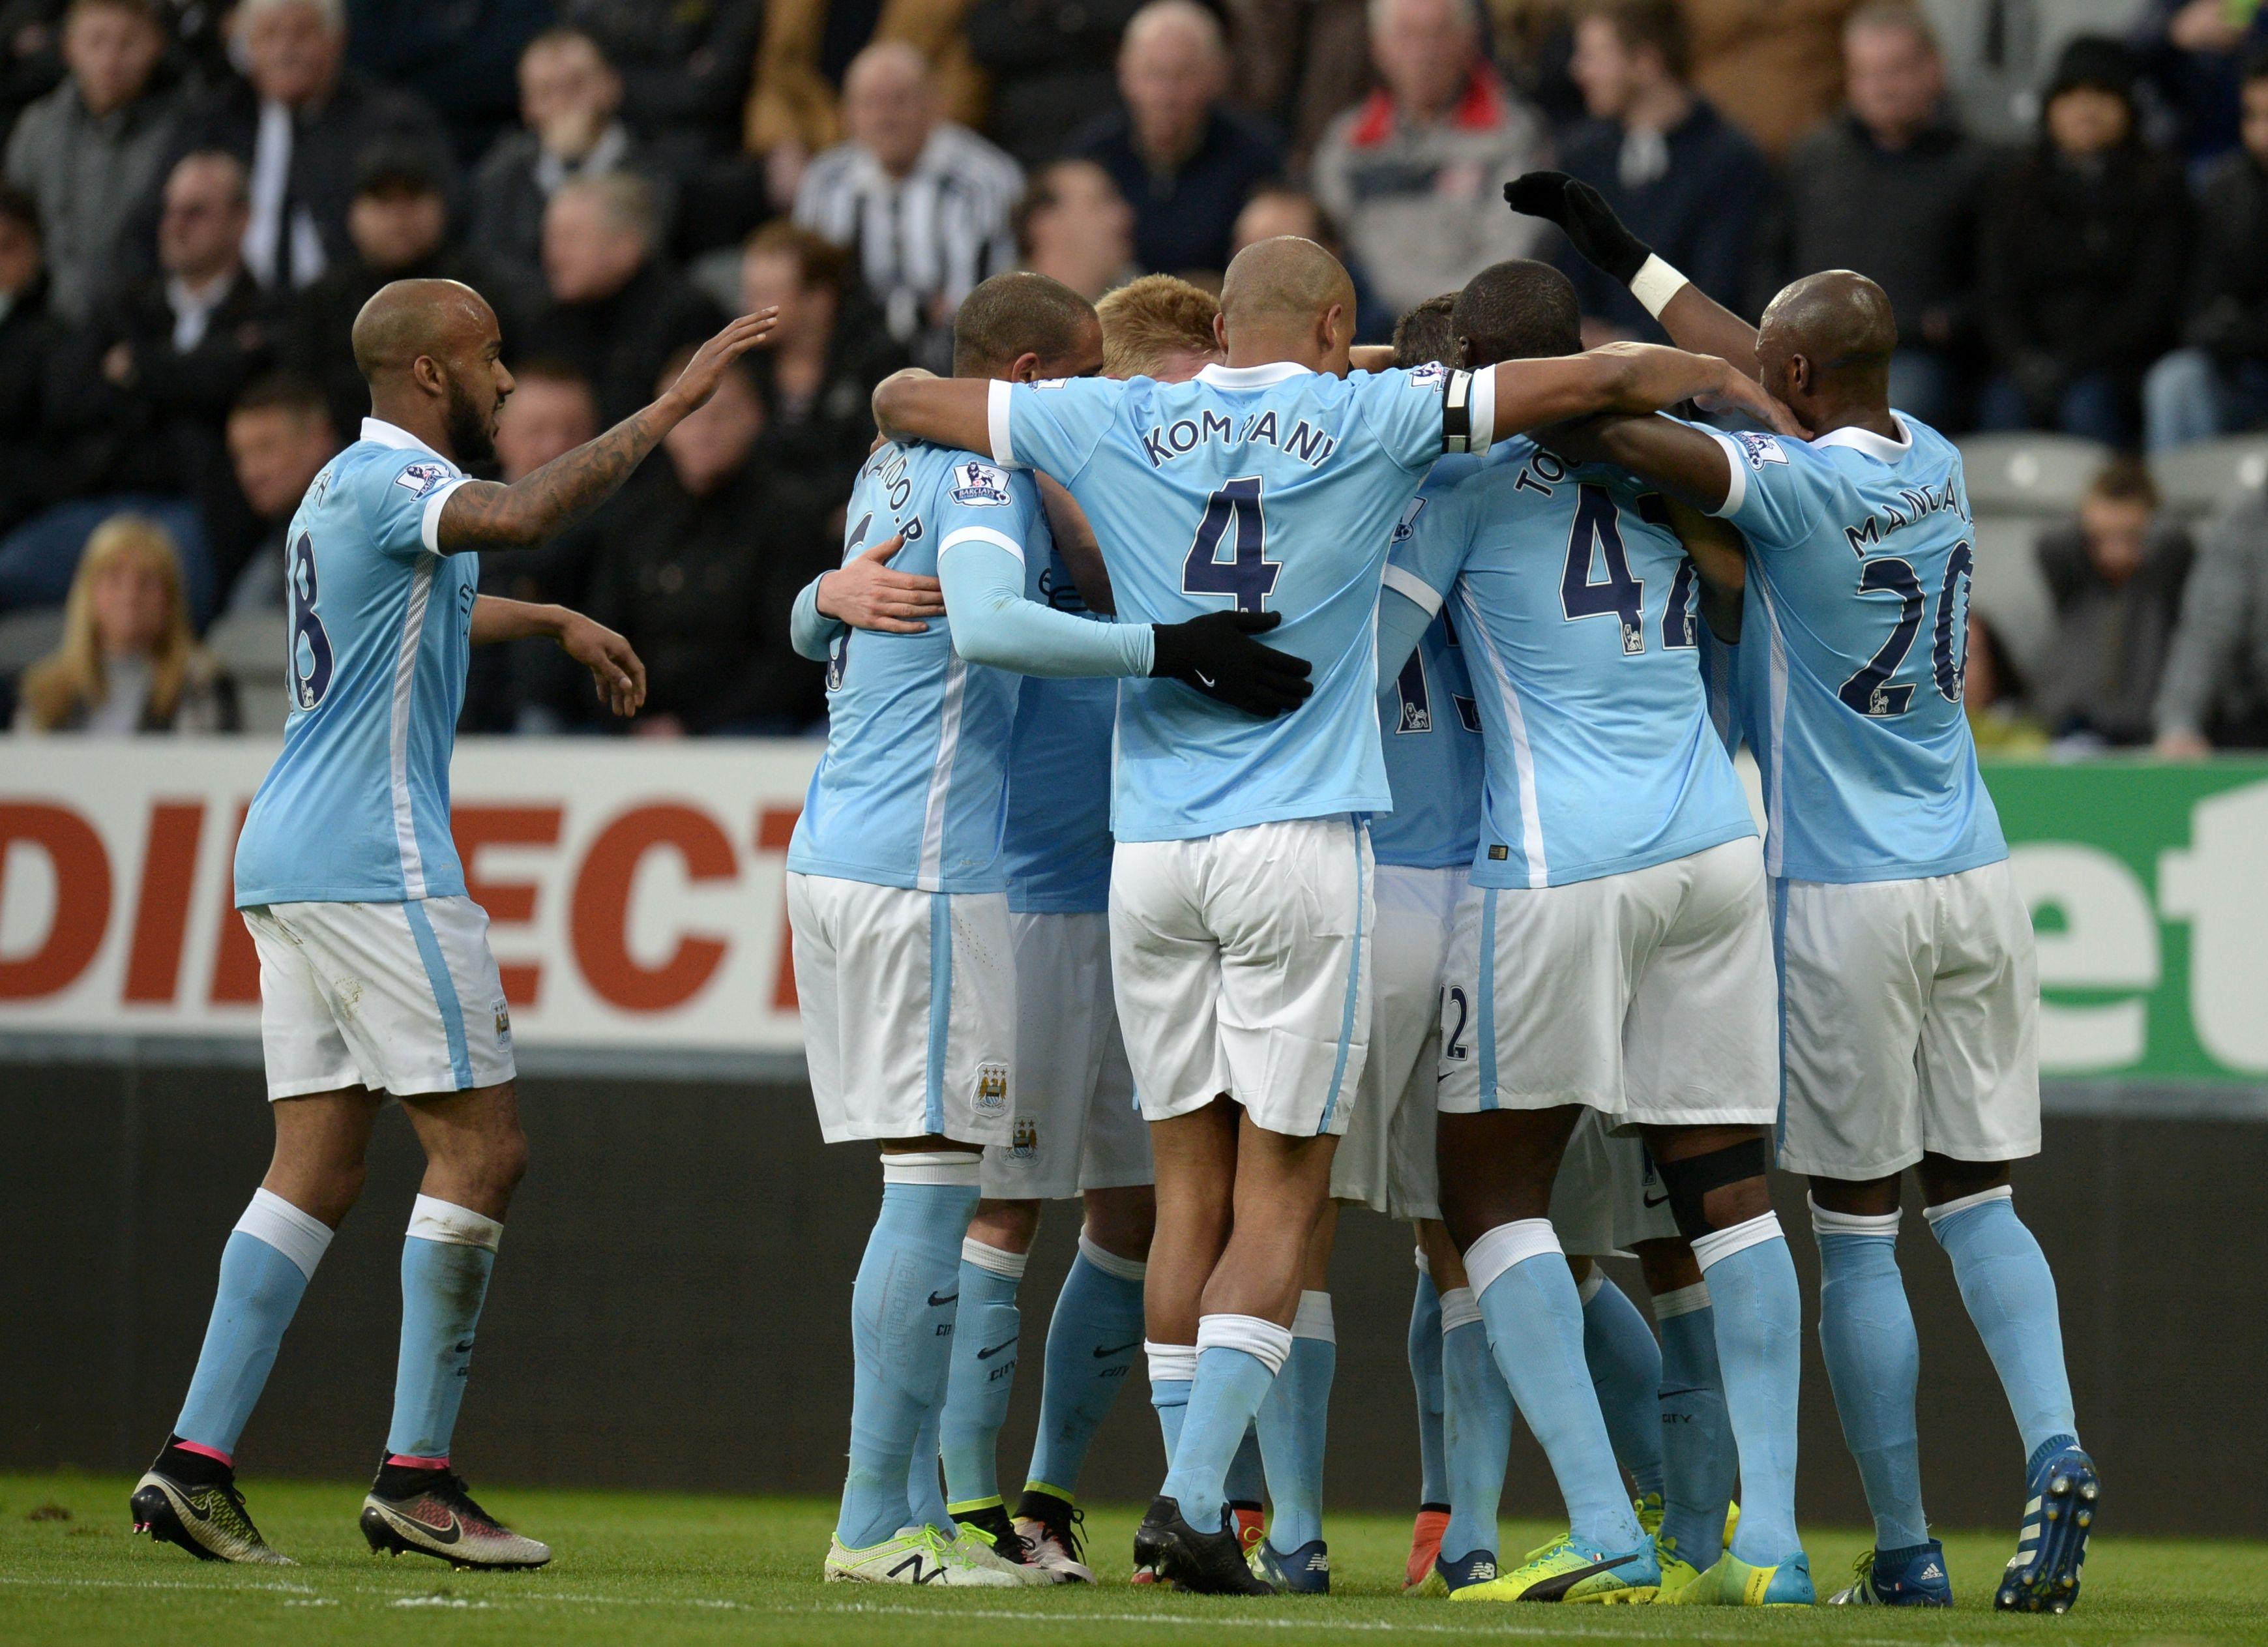 Il Manchester City raggiungerebbe la prima finale di Champions della sua storia